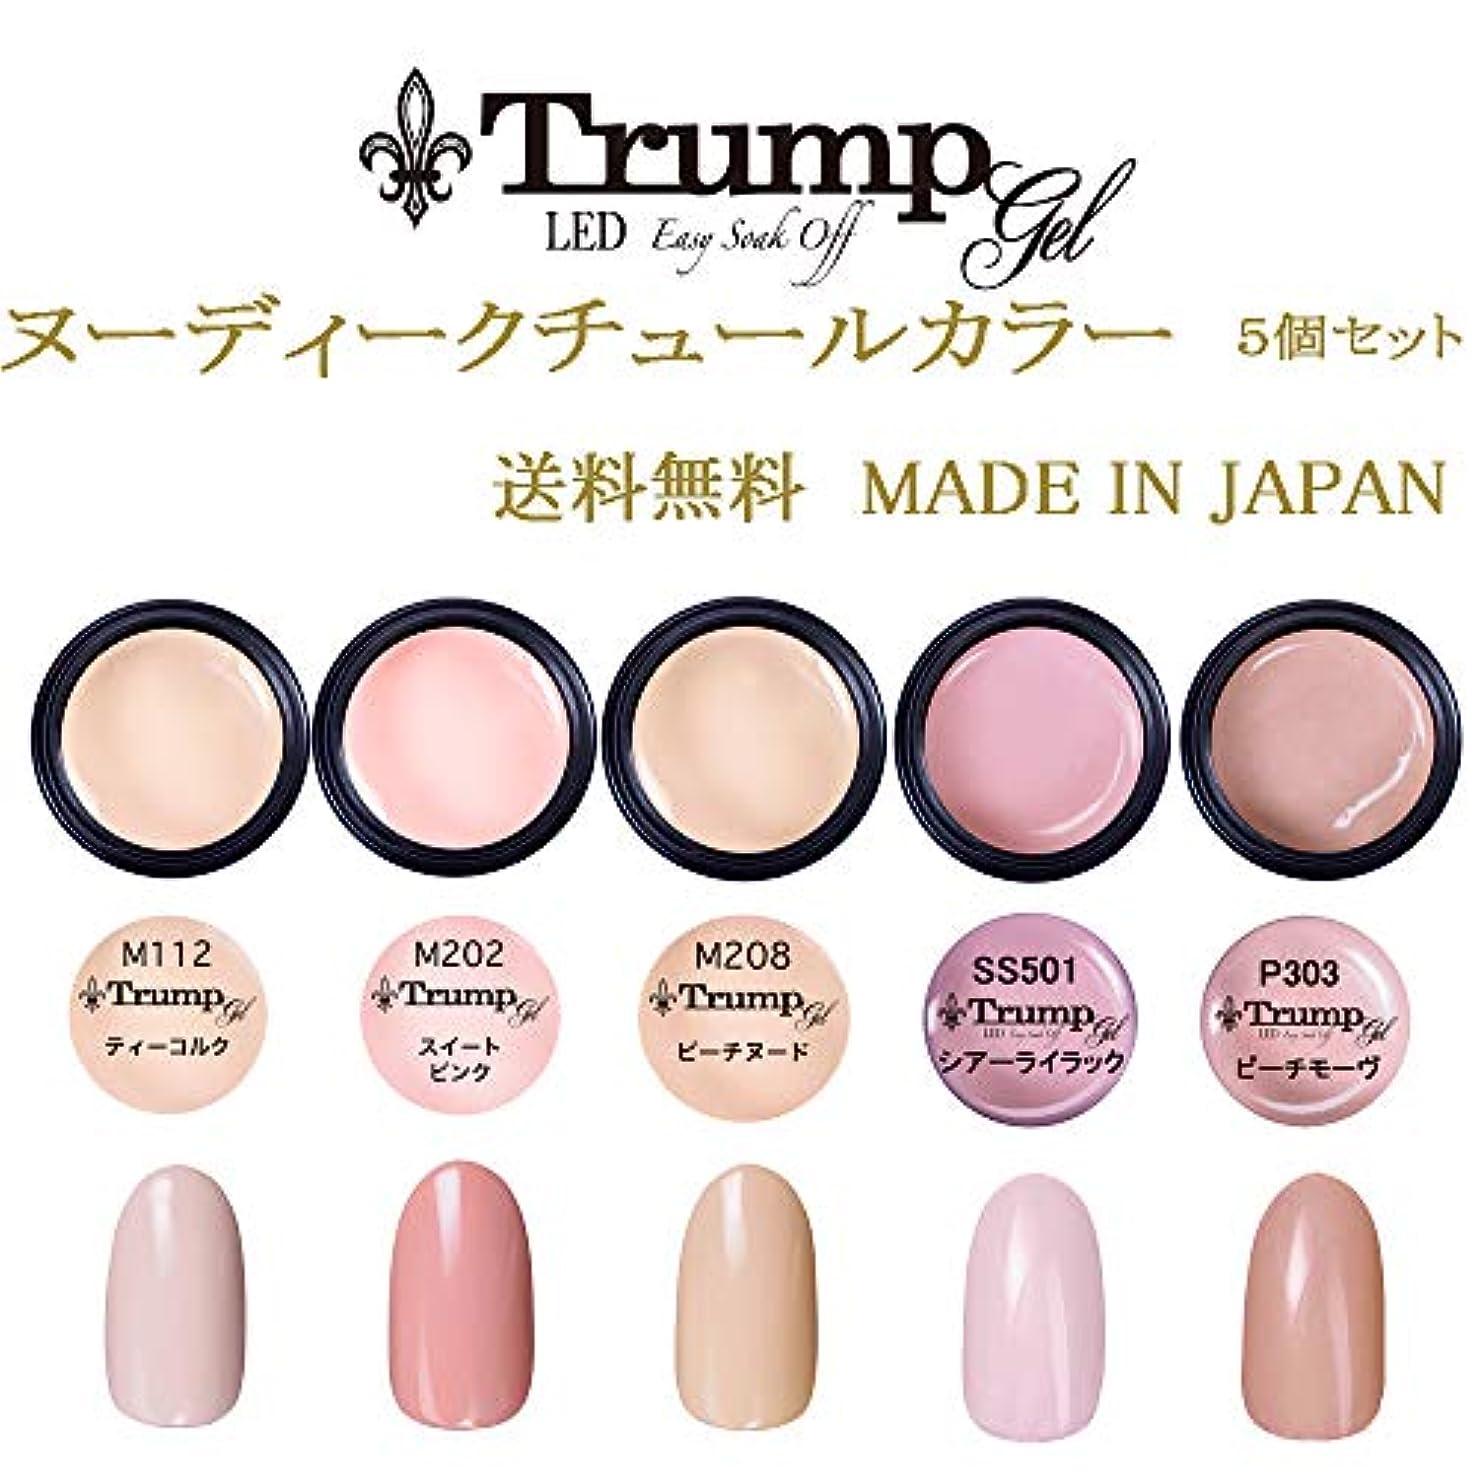 法廷感情のホバー【送料無料】日本製 Trump gel トランプジェルヌーディクチュールカラージェル 5個セット肌馴染みの良い ヌーデイクチュールカラージェルセット